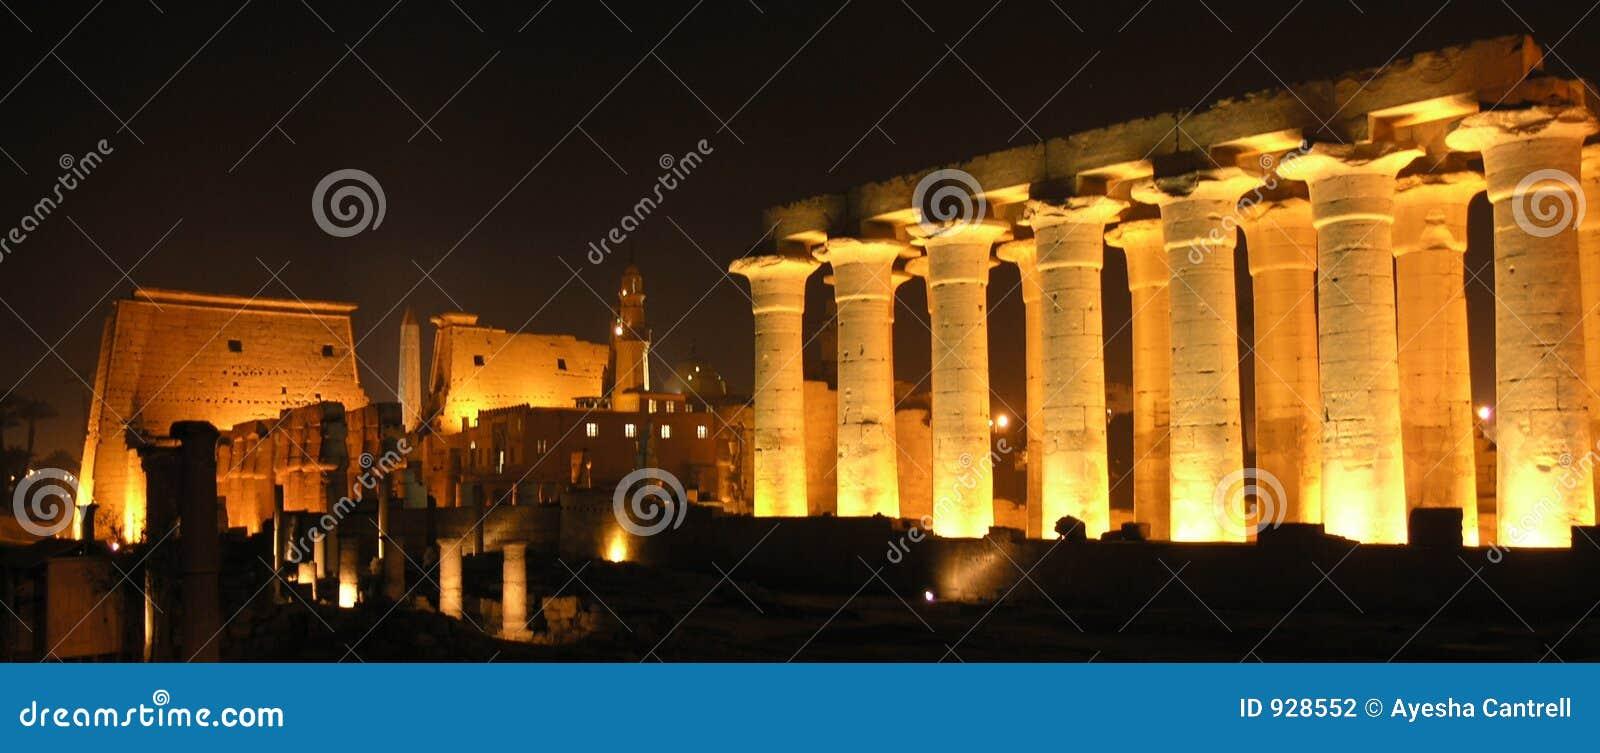 Luxor em a noite